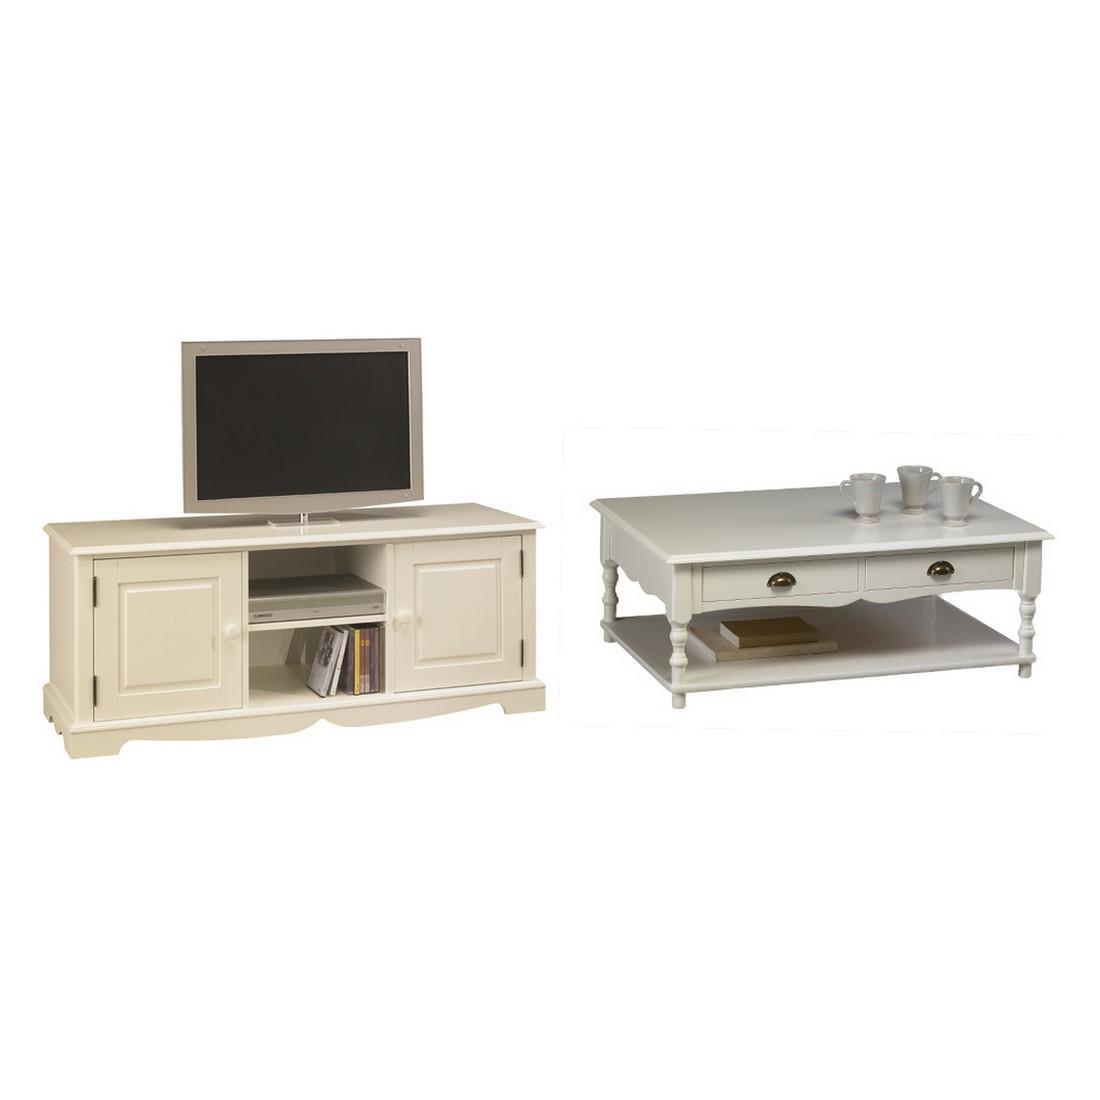 Table Basse Et Meuble Tv Bois Solutions Pour La D Coration  # Ensemble Meuble Tv Et Table Basse Gris